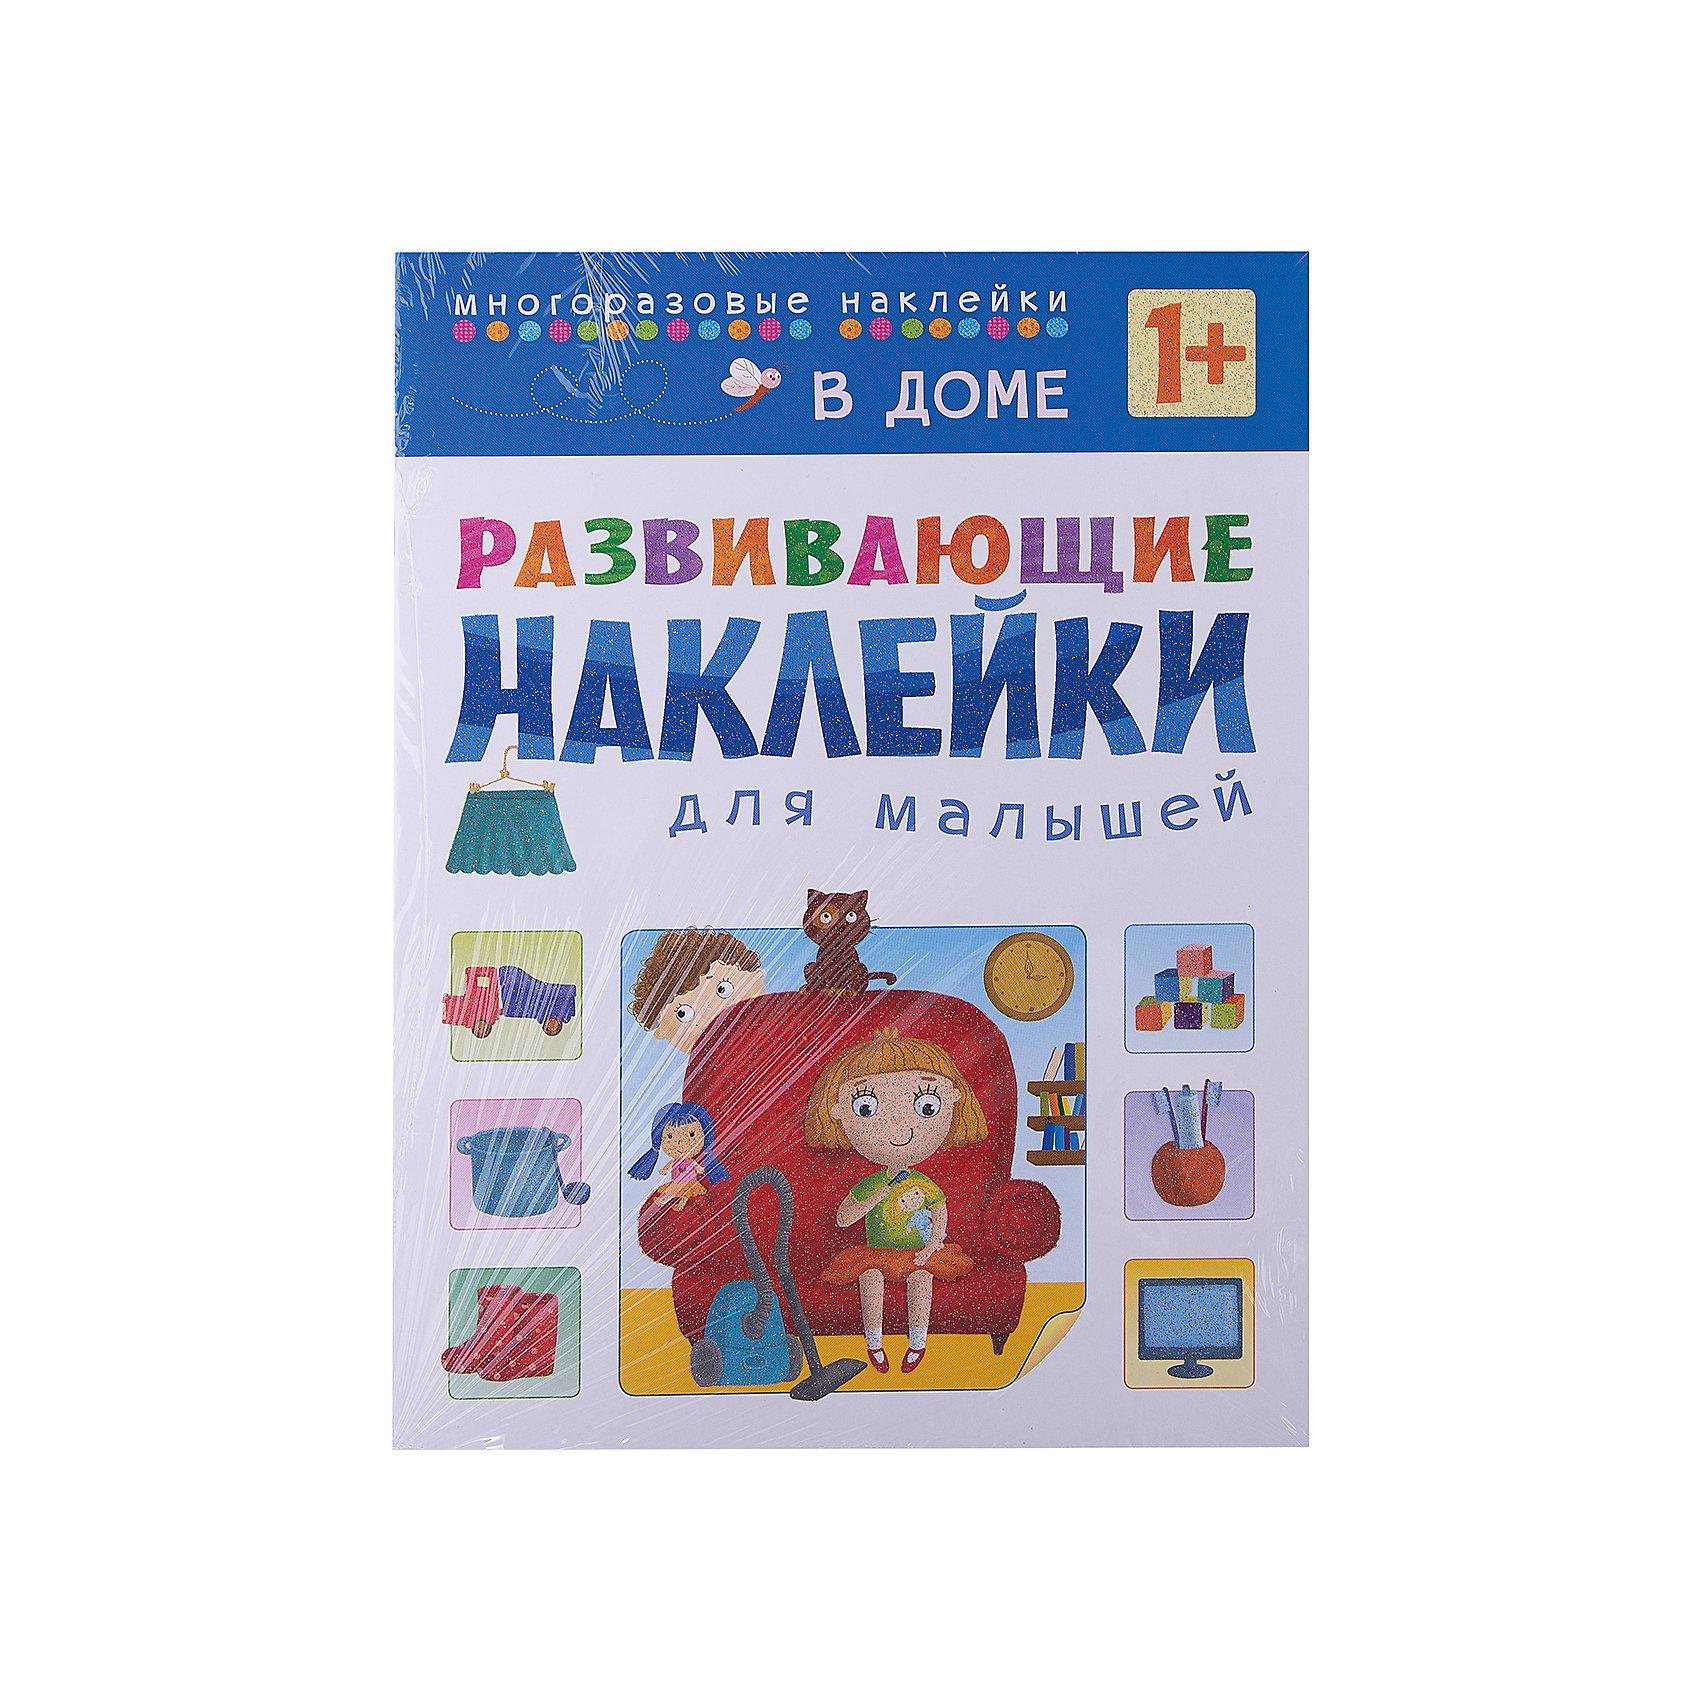 В доме, Развивающие наклейки для малышейМозаика-Синтез<br>Характеристики книжки В доме с наклейками:<br><br>• возраст: от 1 года<br>• пол: для мальчиков и девочек<br>• размеры: 19.5x25.5<br>• материал: бумага, полимер<br>• переплет мягкая обложка<br>• количество страниц: 10<br>• цветные иллюстрации: да<br>• язык издания: русский<br>• вес: 65 г<br>• тип издания: отдельное издание<br>• серия : развивающие наклейки для малышей<br>• редактор: Валерия Вилюнова<br>• иллюстратор: Евгения Миронюк<br>• издательство: Мозаика-Синтез<br>• страна обладатель бренда: Россия.<br>• страна изготовитель: Россия<br><br>Эта книжка с наклейками предназначена для самых маленьких читателей. Уже в 1 год ребенок способен выполнять задания, приклеивая наклейки в нужное место. Это занятие не только приносит малышу удовольствие и радость, но и способствует развитию речи, интеллекта, мелкой моторики, координации движений, умения находить и принимать решения; расширяет представления об окружающем мире. <br><br>С помощью этой книги малыш побывает в доме - в кухне, прихожей, ванной и других комнатах, познакомится с такими понятиями, как посуда, одежда, обувь, мебель. Наклейки в книге многоразовые, так что ребенок, может смело экспериментировать, не боясь ошибиться.<br><br>Книжку В доме с наклейками издательства Мозаика-Синтез можно купить в нашем интернет-магазине.<br><br>Ширина мм: 2<br>Глубина мм: 195<br>Высота мм: 255<br>Вес г: 64<br>Возраст от месяцев: 12<br>Возраст до месяцев: 36<br>Пол: Унисекс<br>Возраст: Детский<br>SKU: 5362858